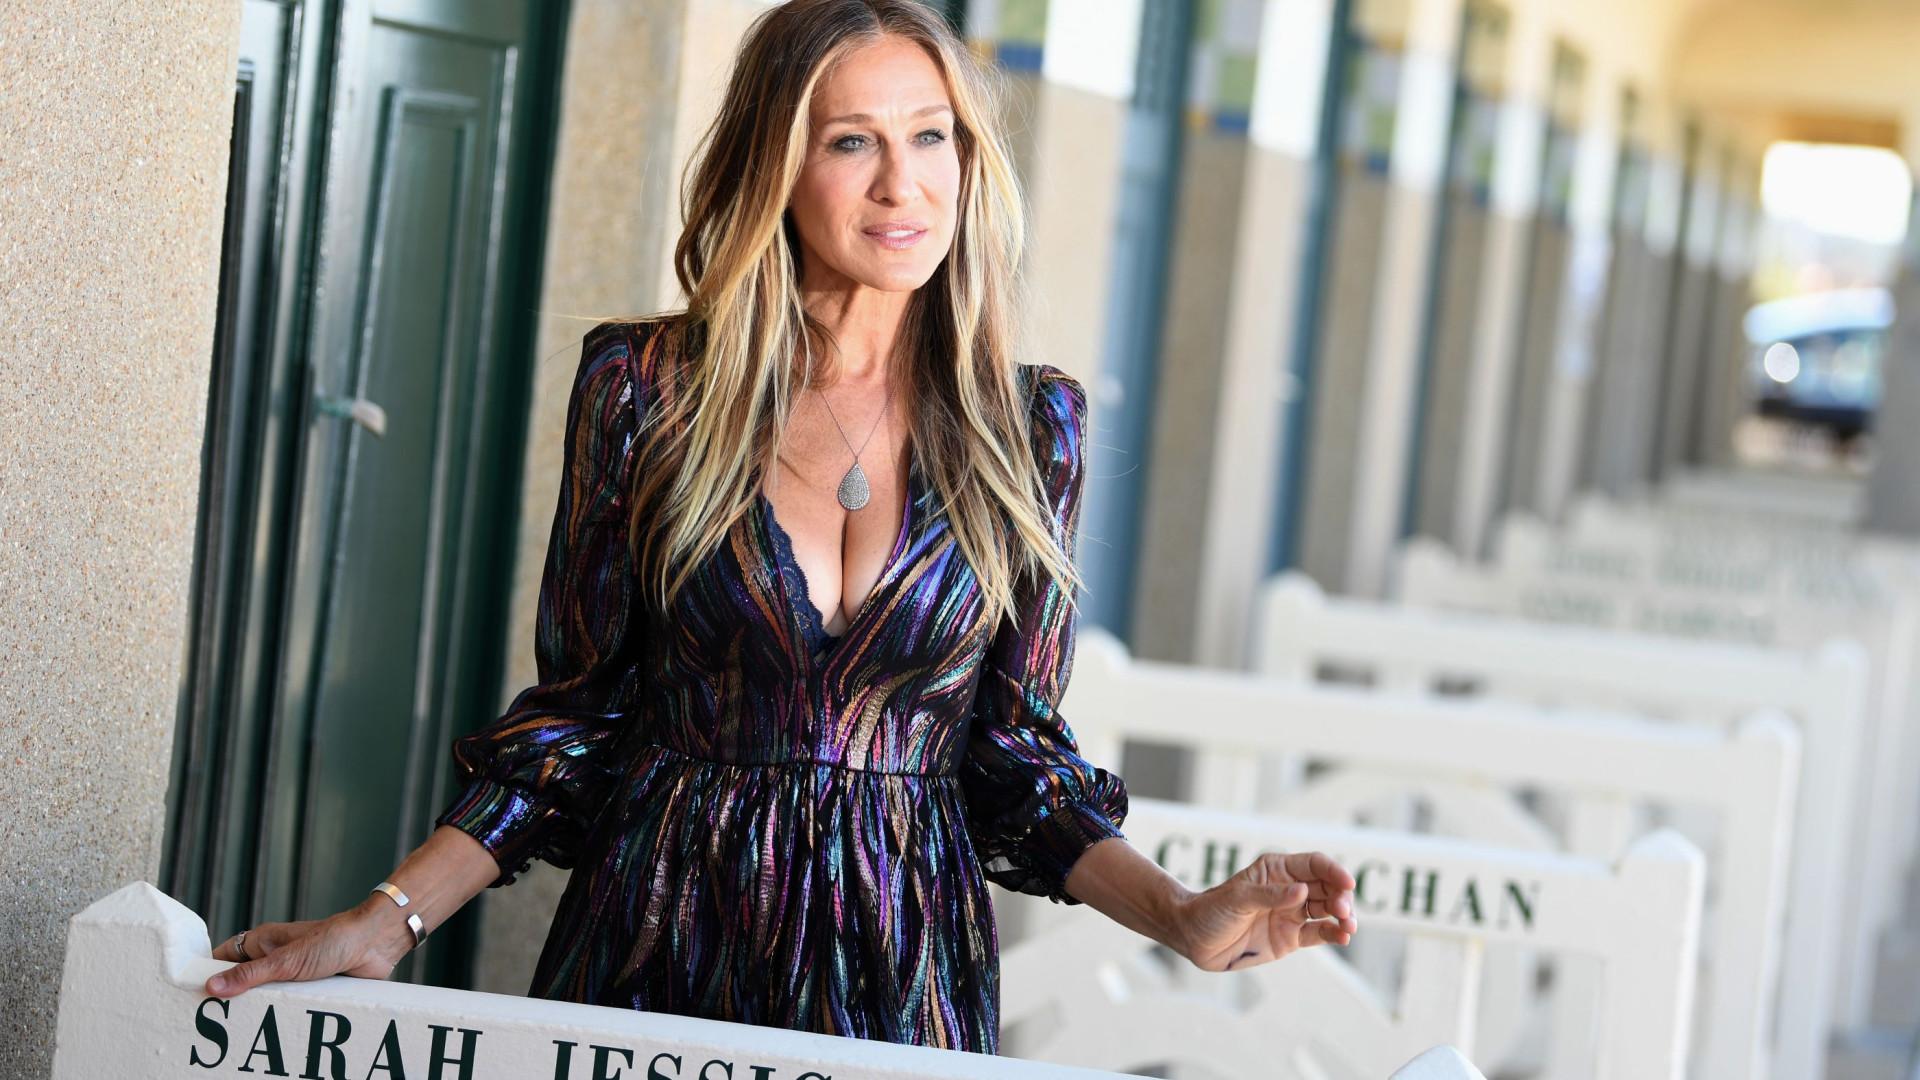 Sarah Jessica Parker acusada de não devolver joias que valem milhares